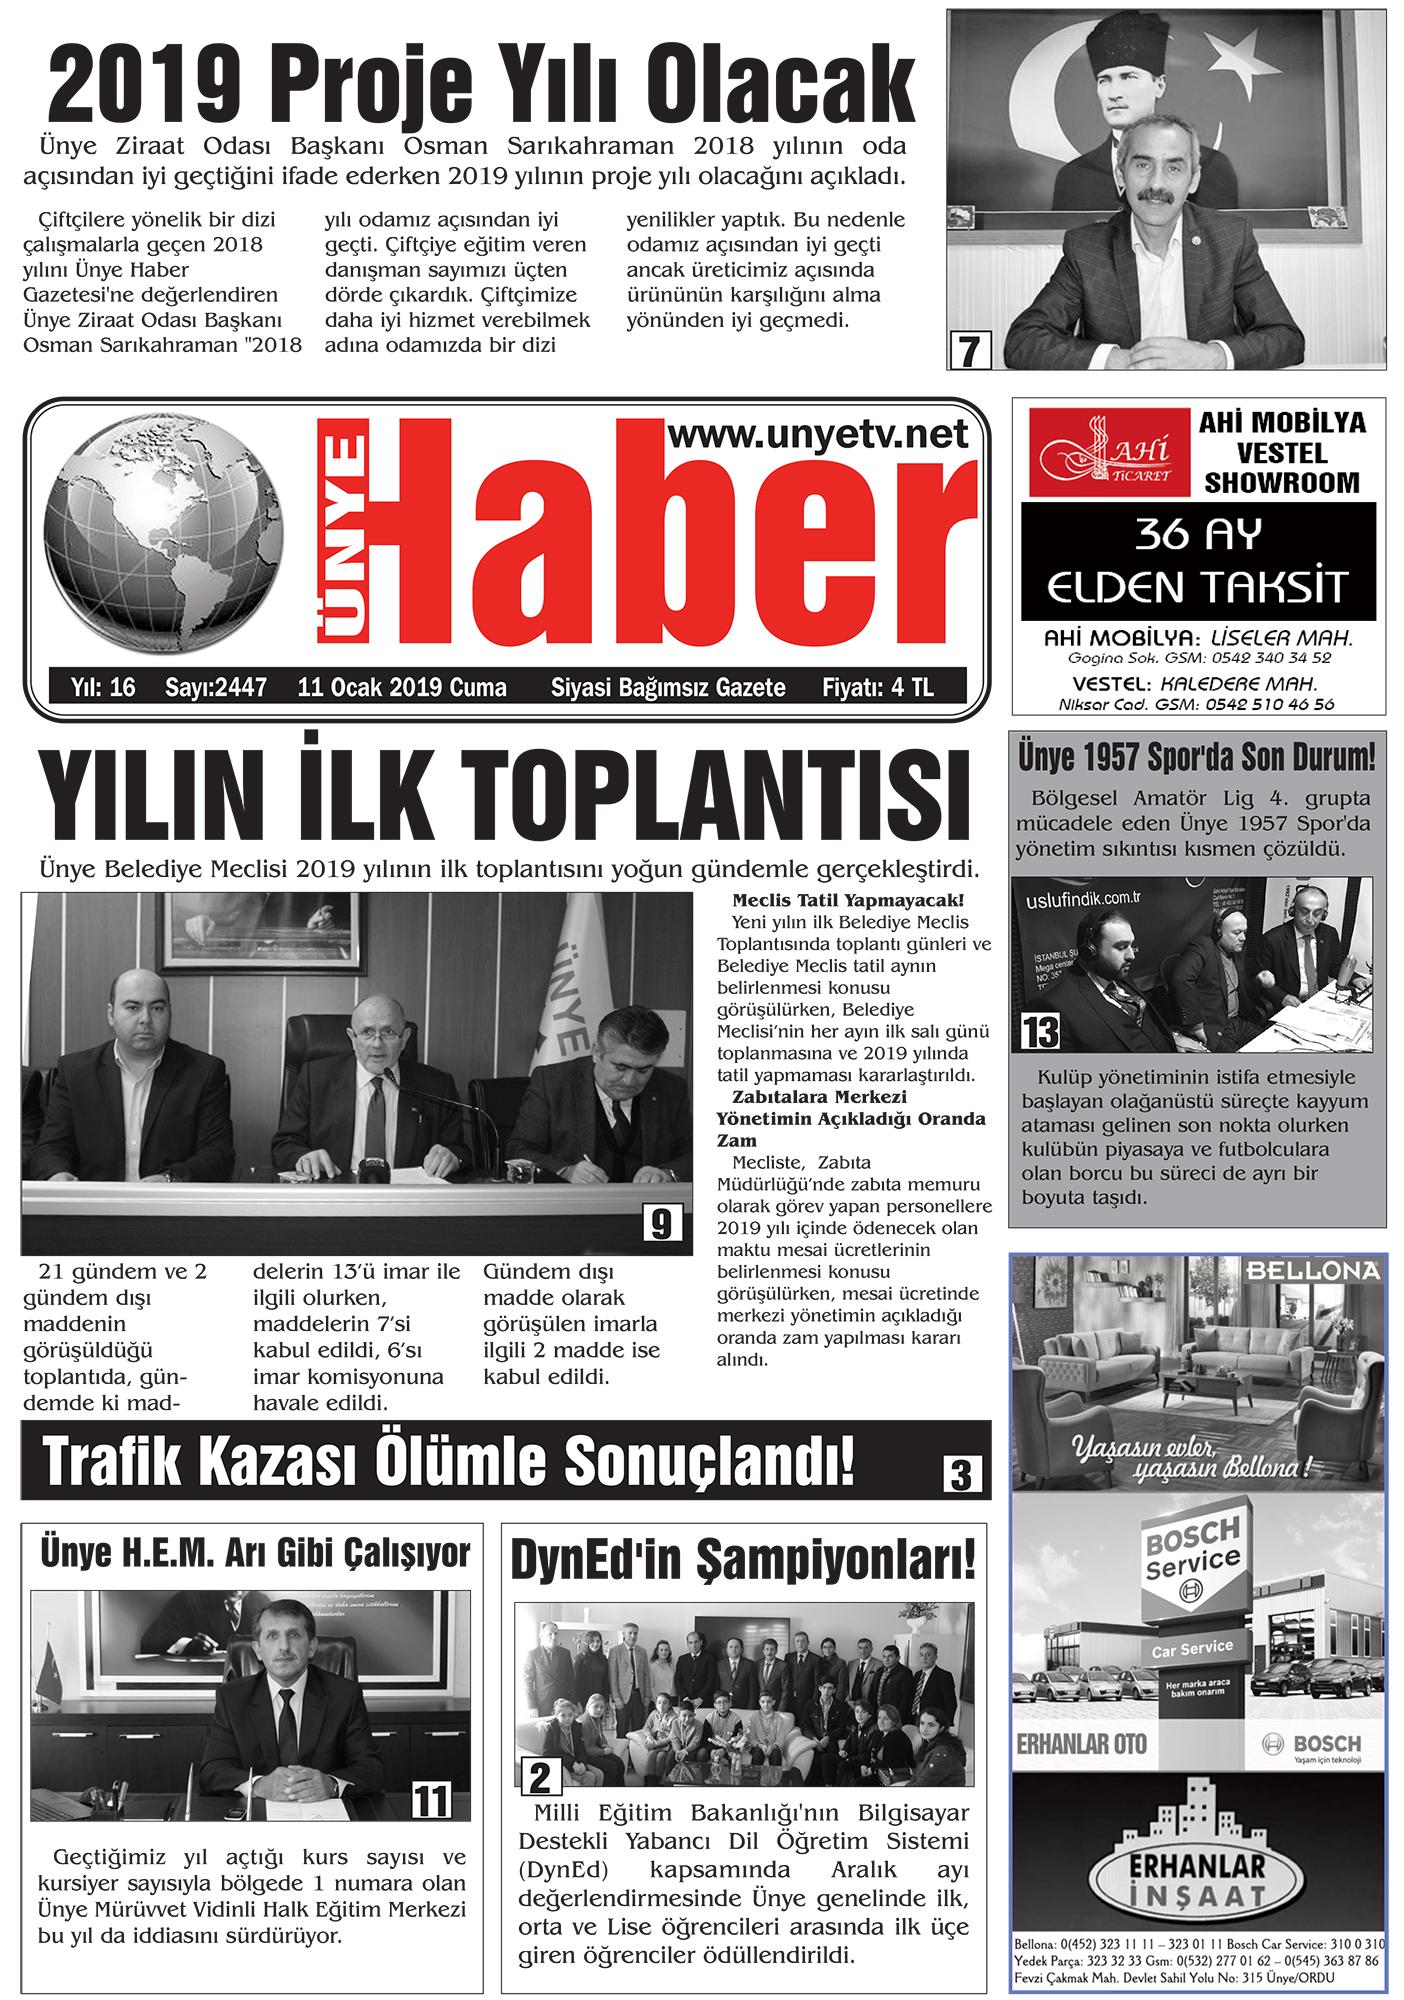 11 Ocak 2019 Ünye Haber Gazetesi 1. Sayfası